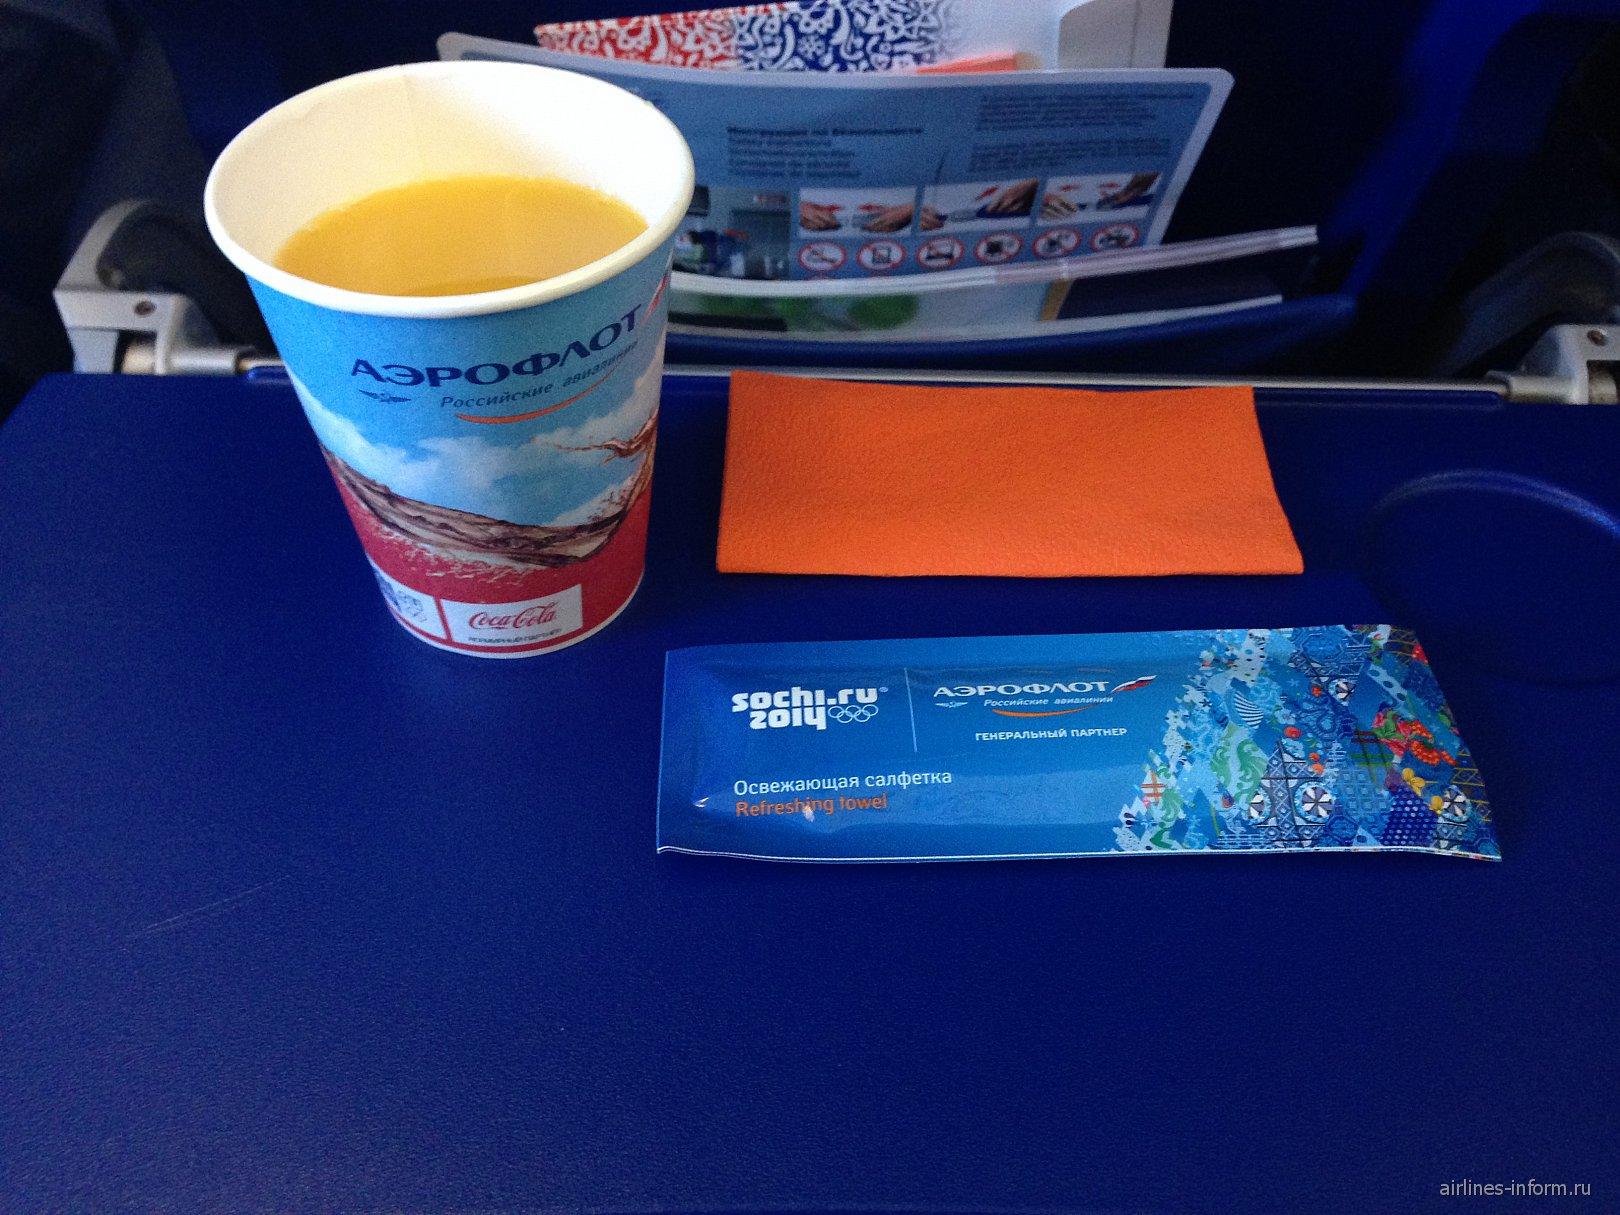 Прохладительные напитки на рейсах Аэрофлота